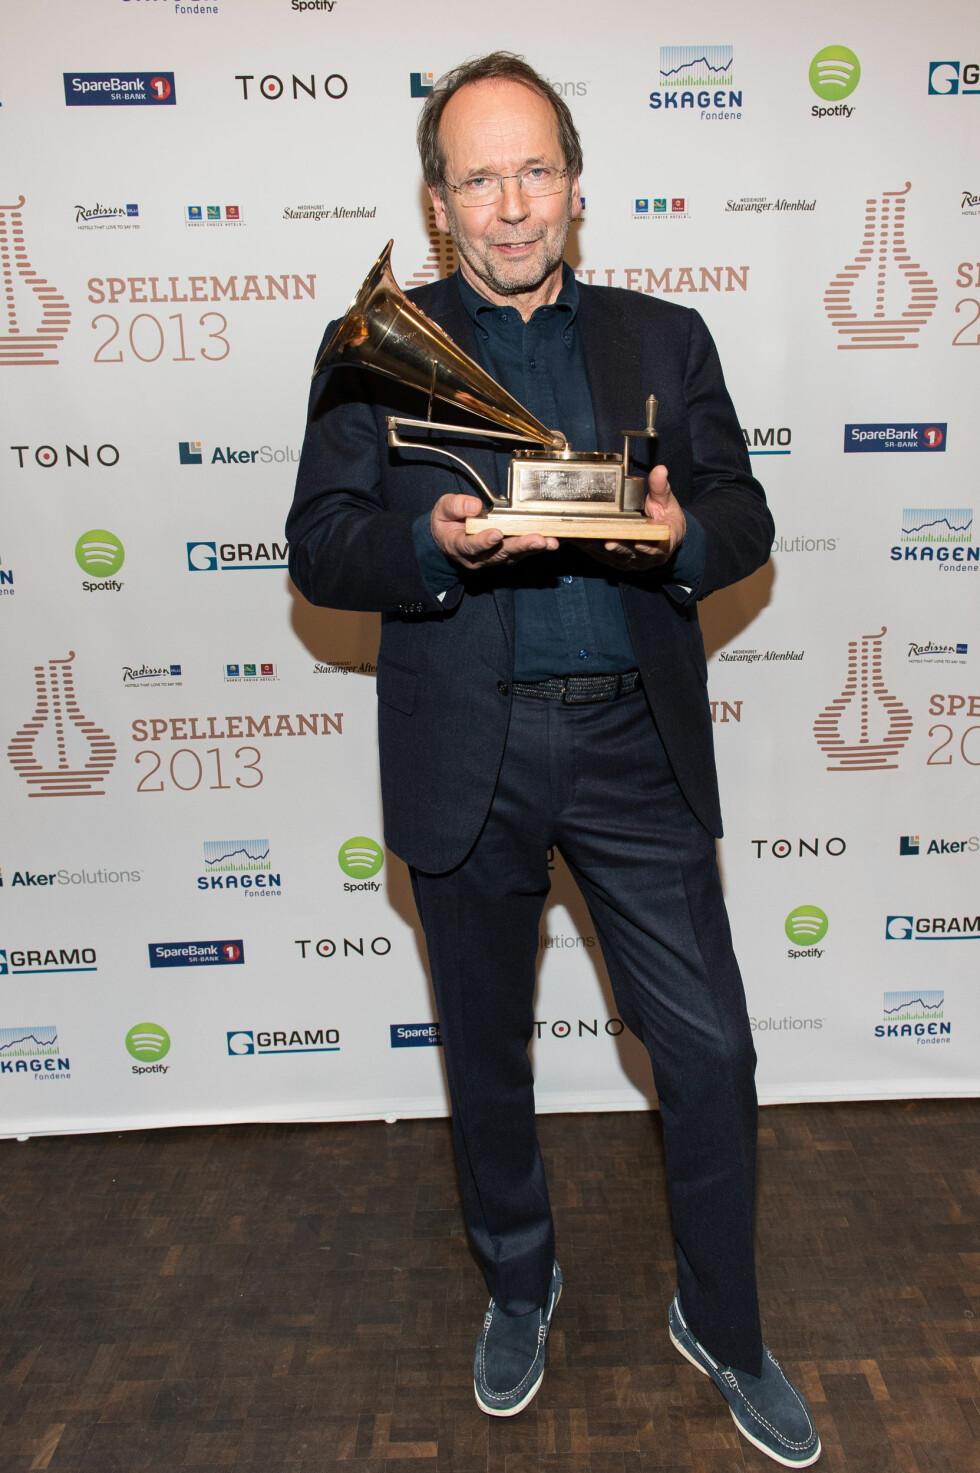 VANT: Ole Paus ble hedret med prisen årets spellemann i Stavanger lørdag kveld.  Foto: FameFlynet Norway